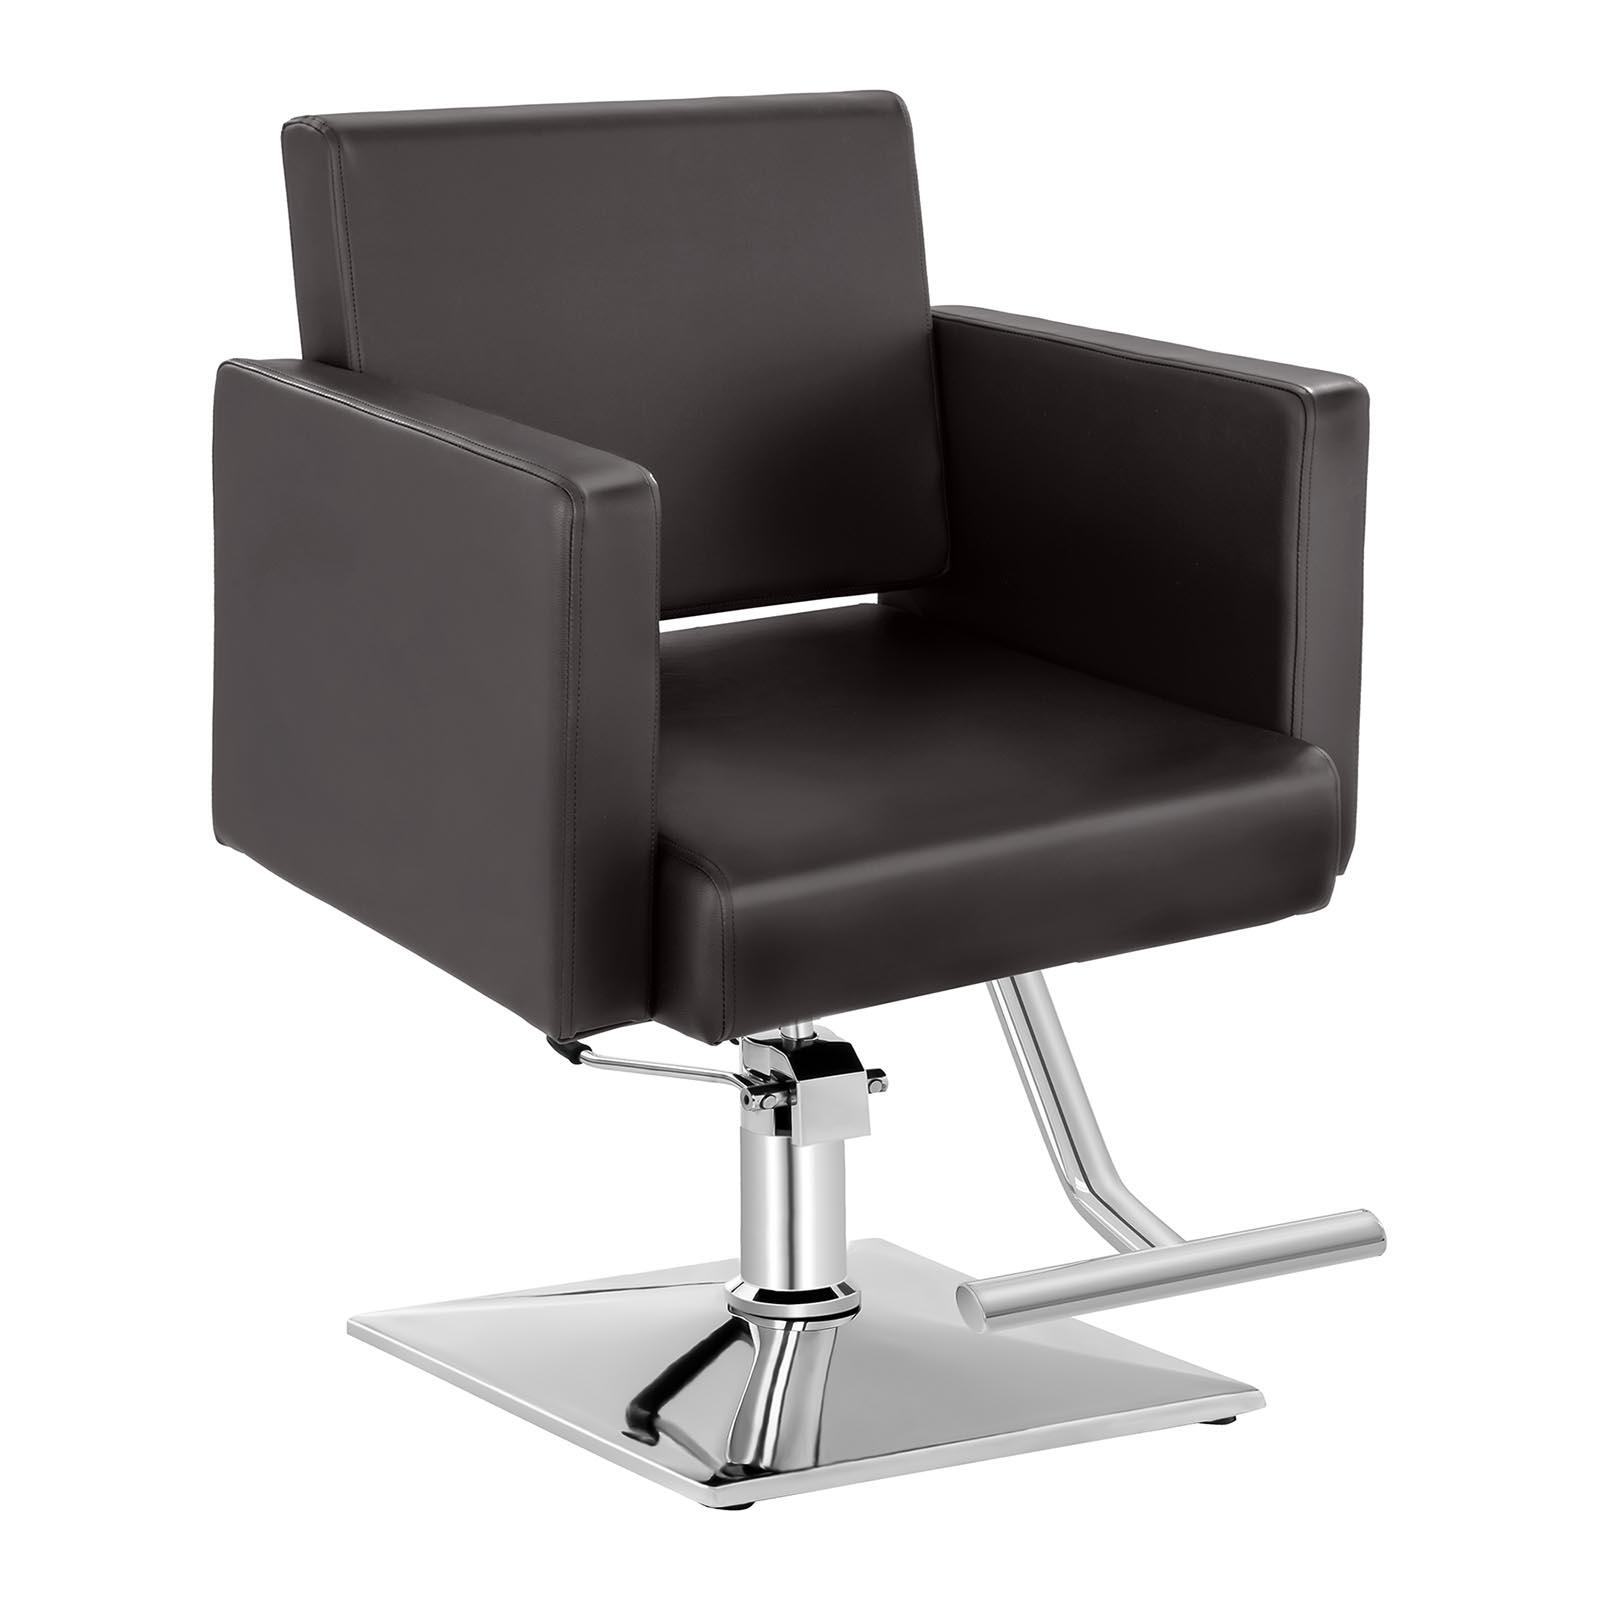 Zestaw Fotel fryzjerski Bedford - brązowy - 200 kg + Podnóżek fryzjerski - stal nierdzewna